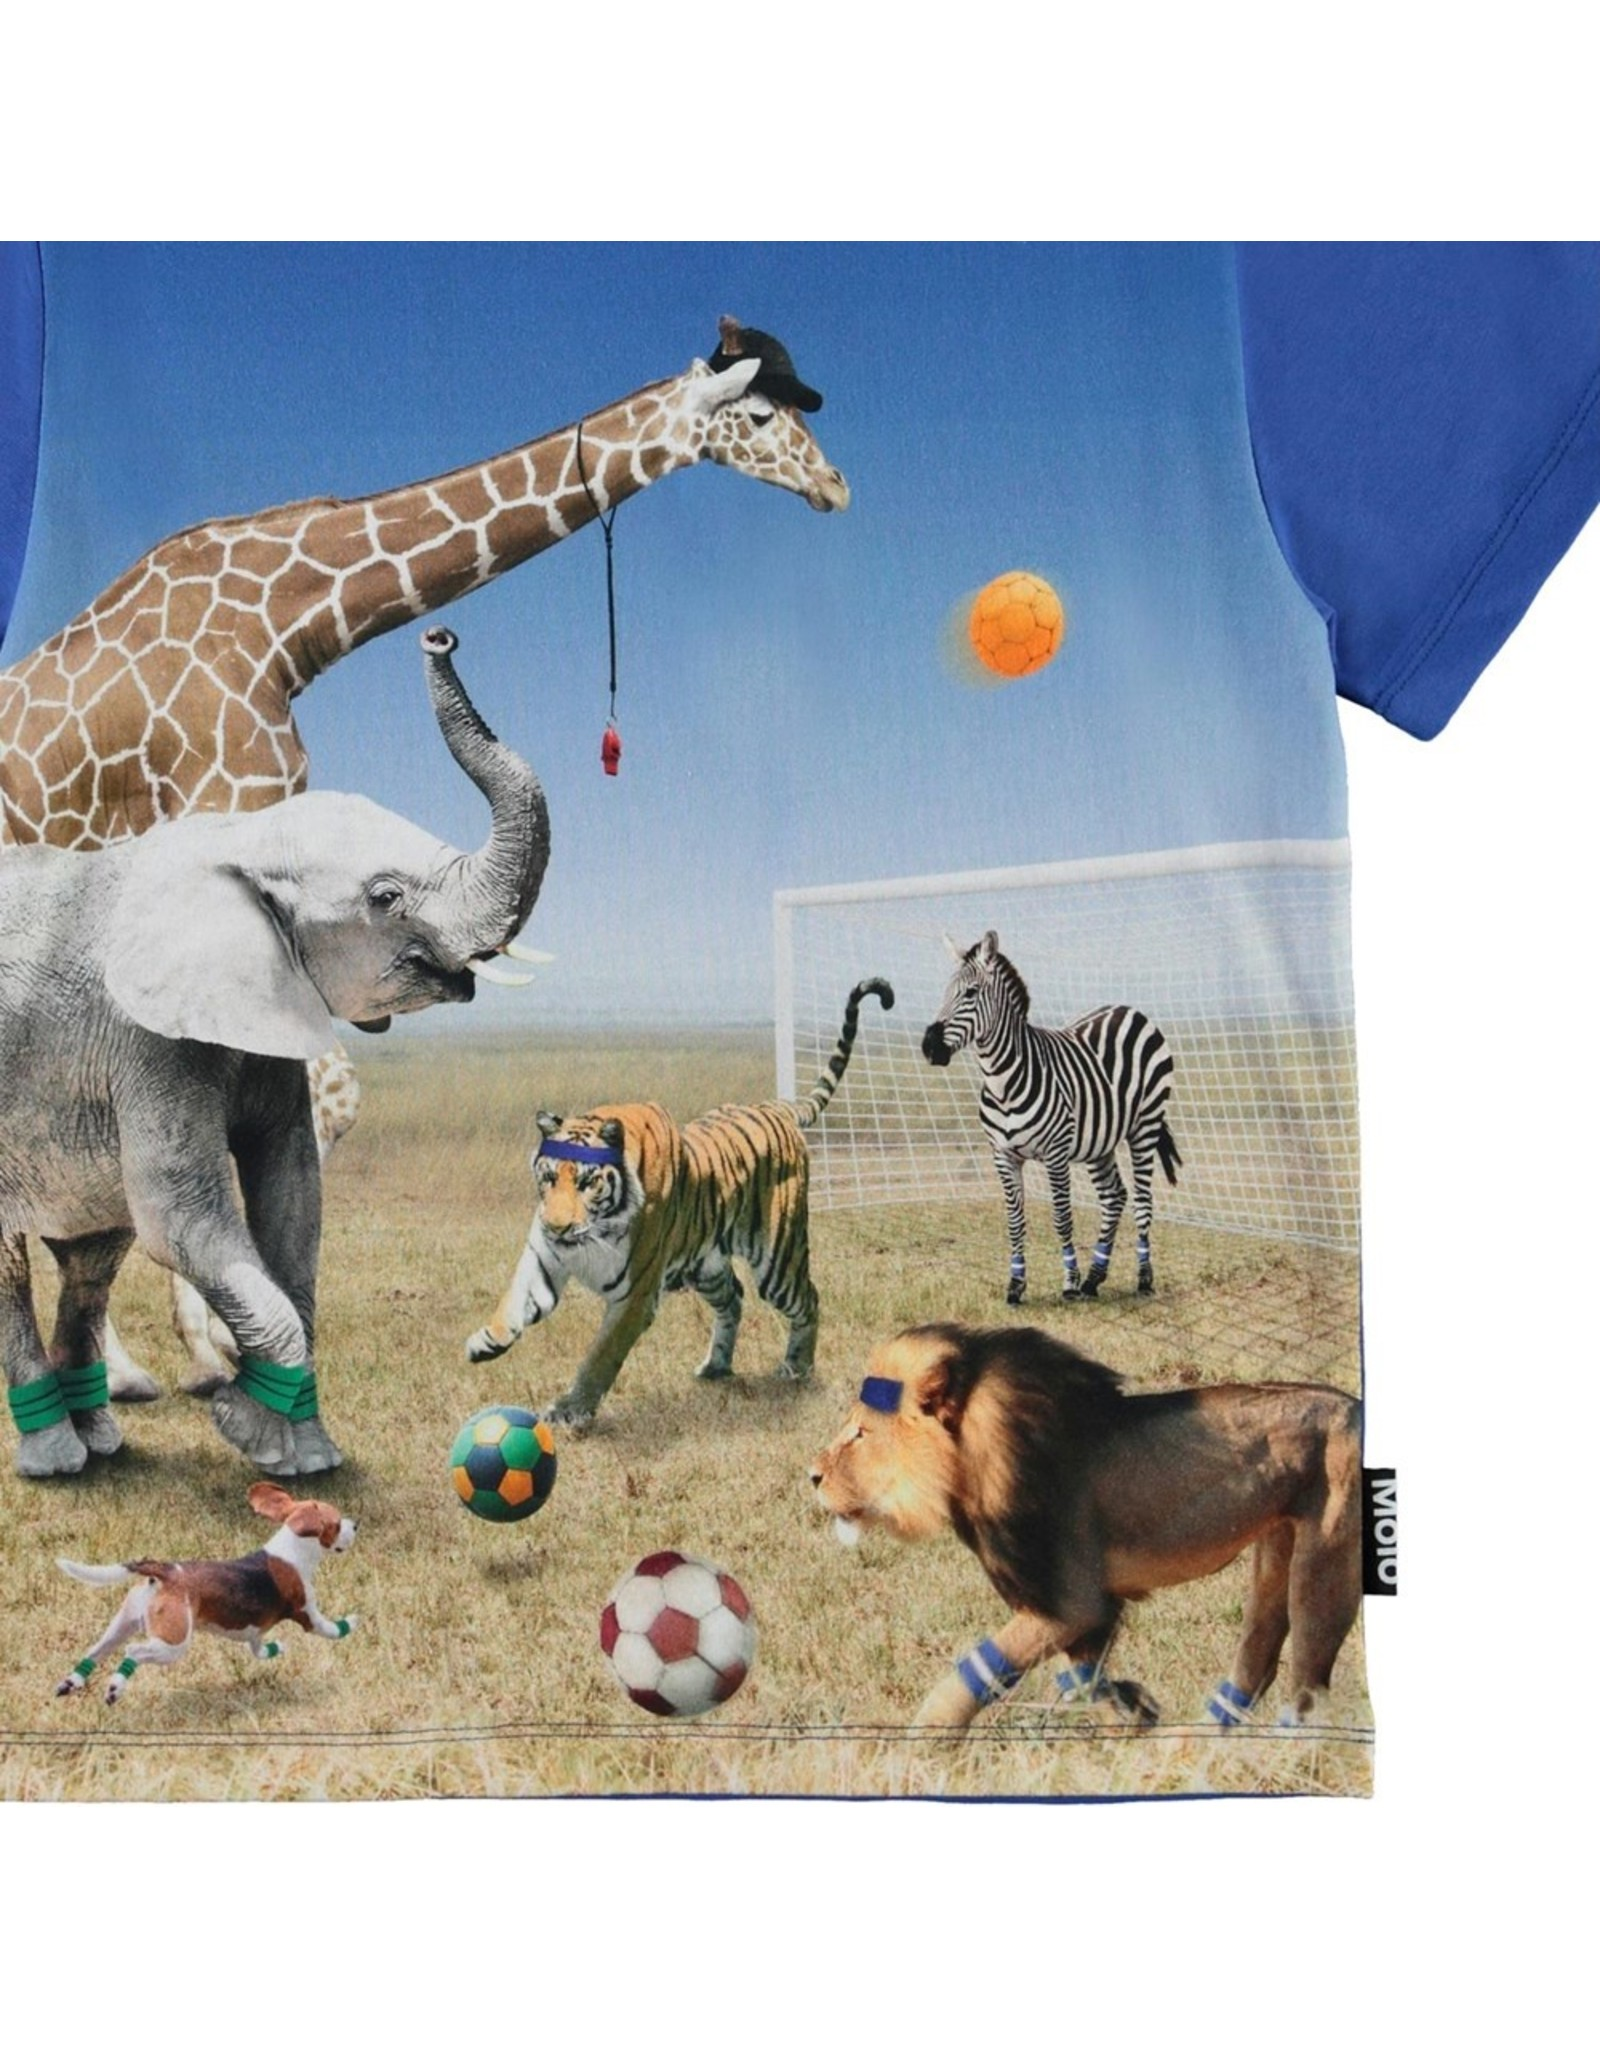 Molo Molo Roxo FOOTBALL GAME